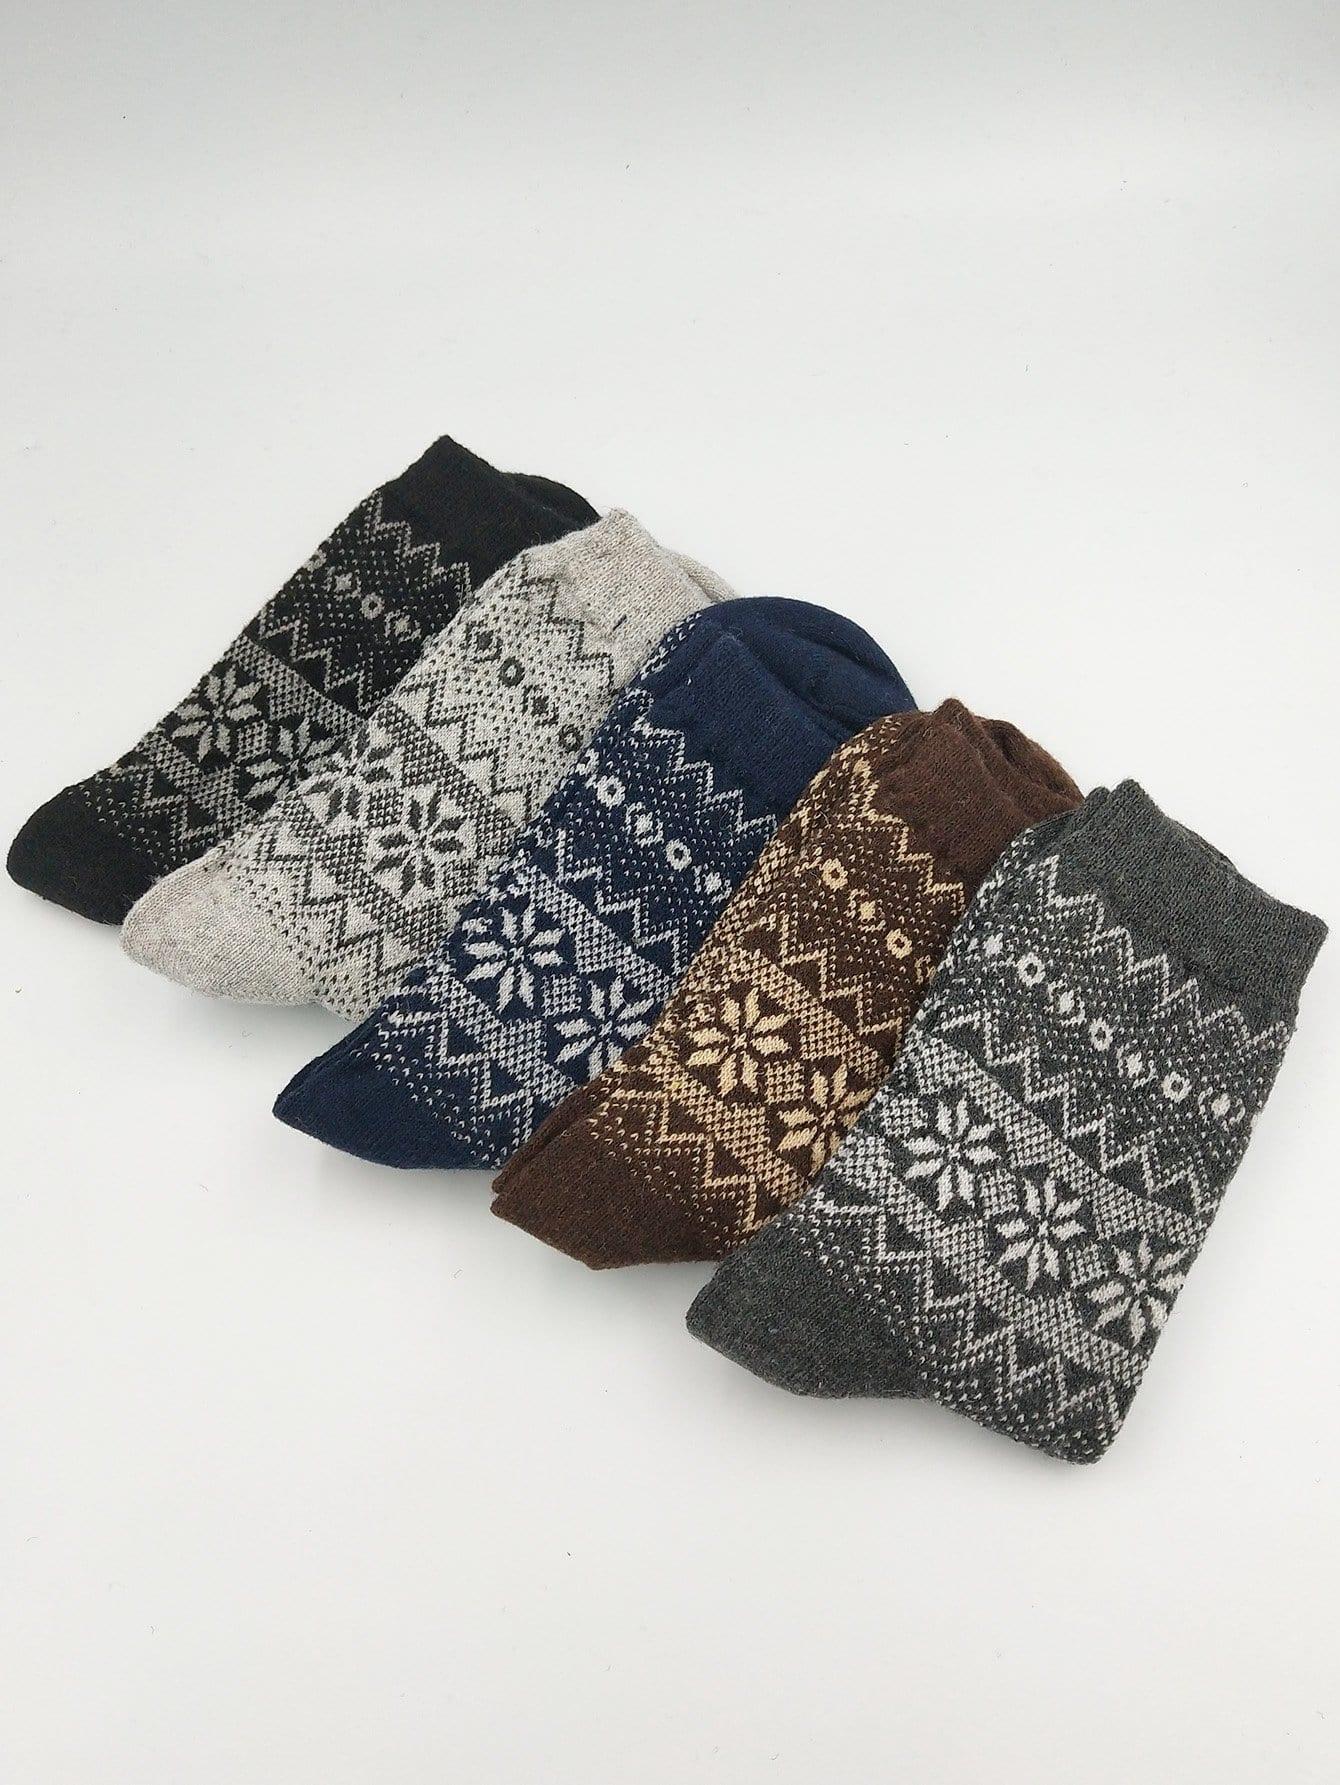 Männer Socken 5Paare mit Chevron Muster